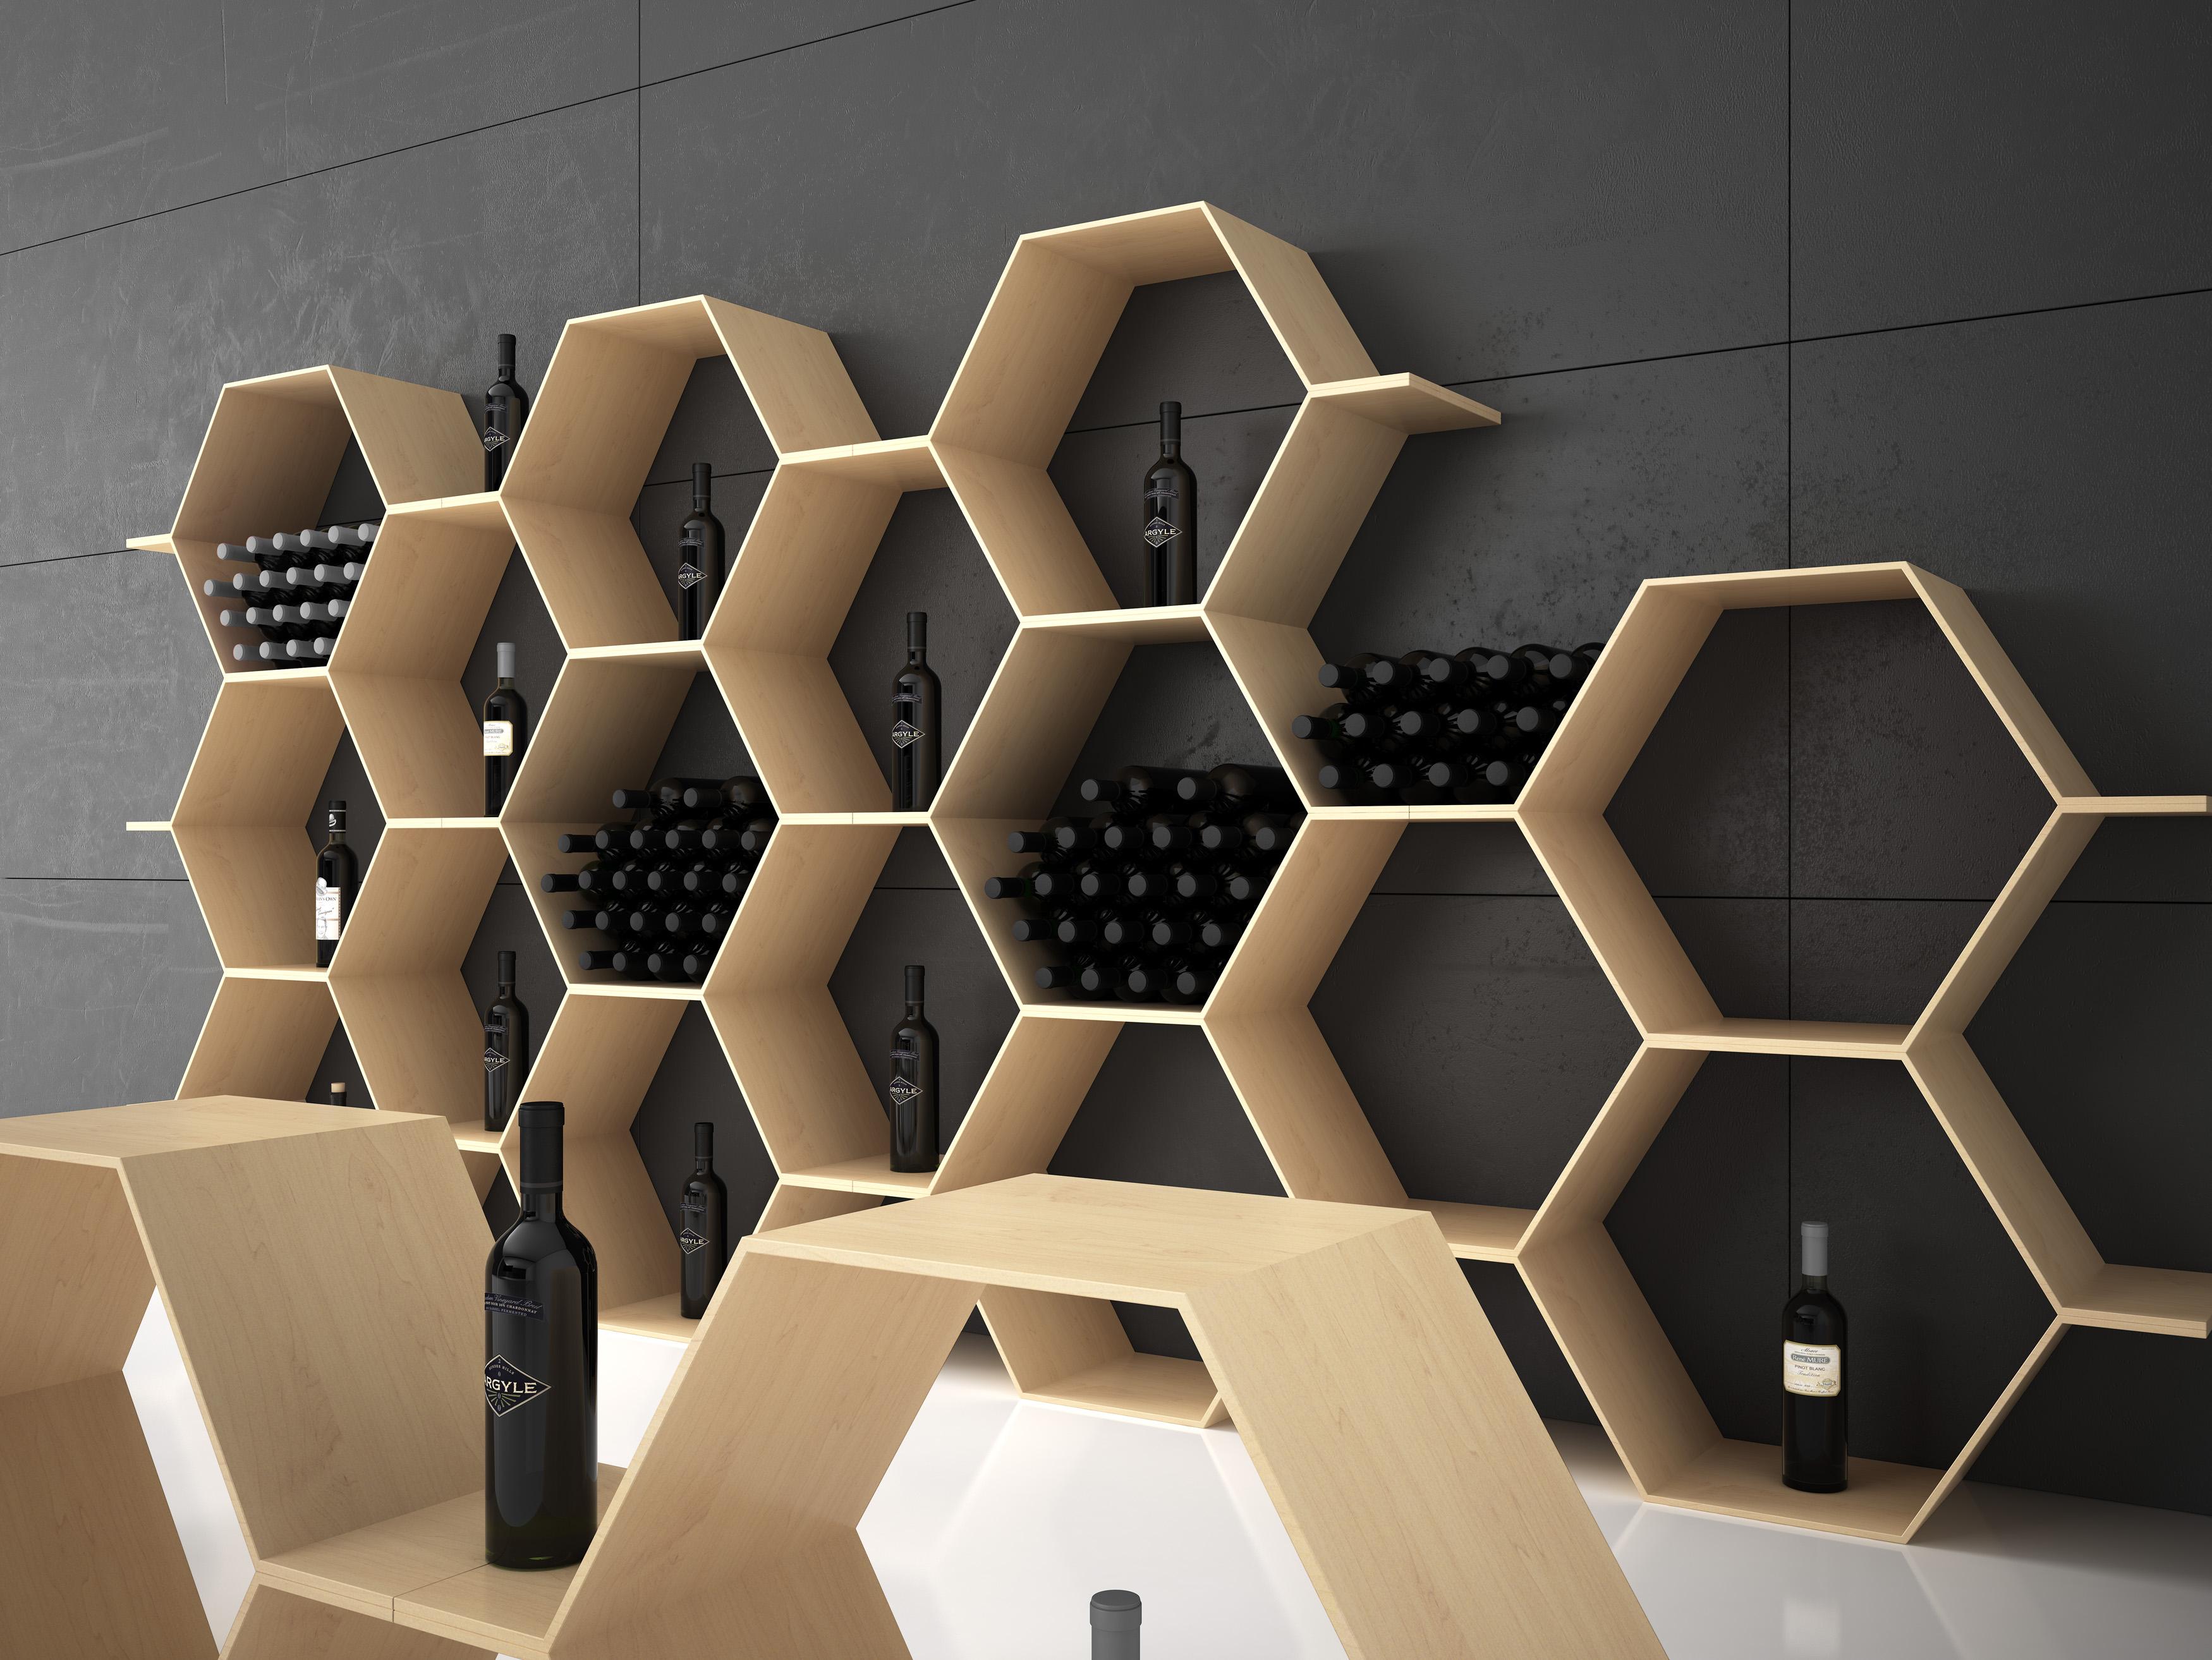 Proyectos dise o 3d dise o de oficinas valencia dise o for Muebles de diseno valencia